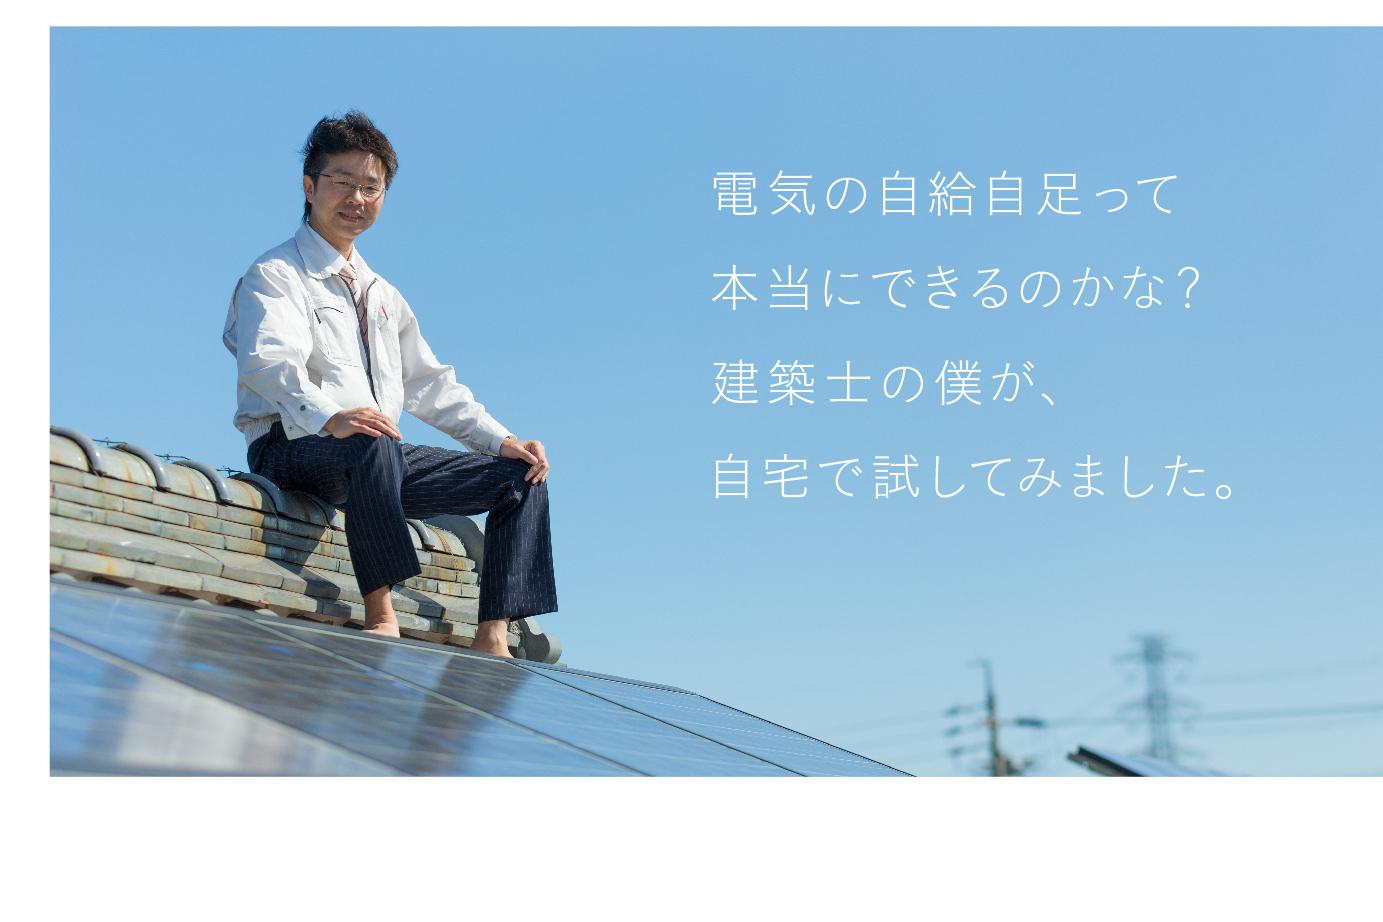 【第三回】建築士だから分かる、太陽光発電の落とし穴。